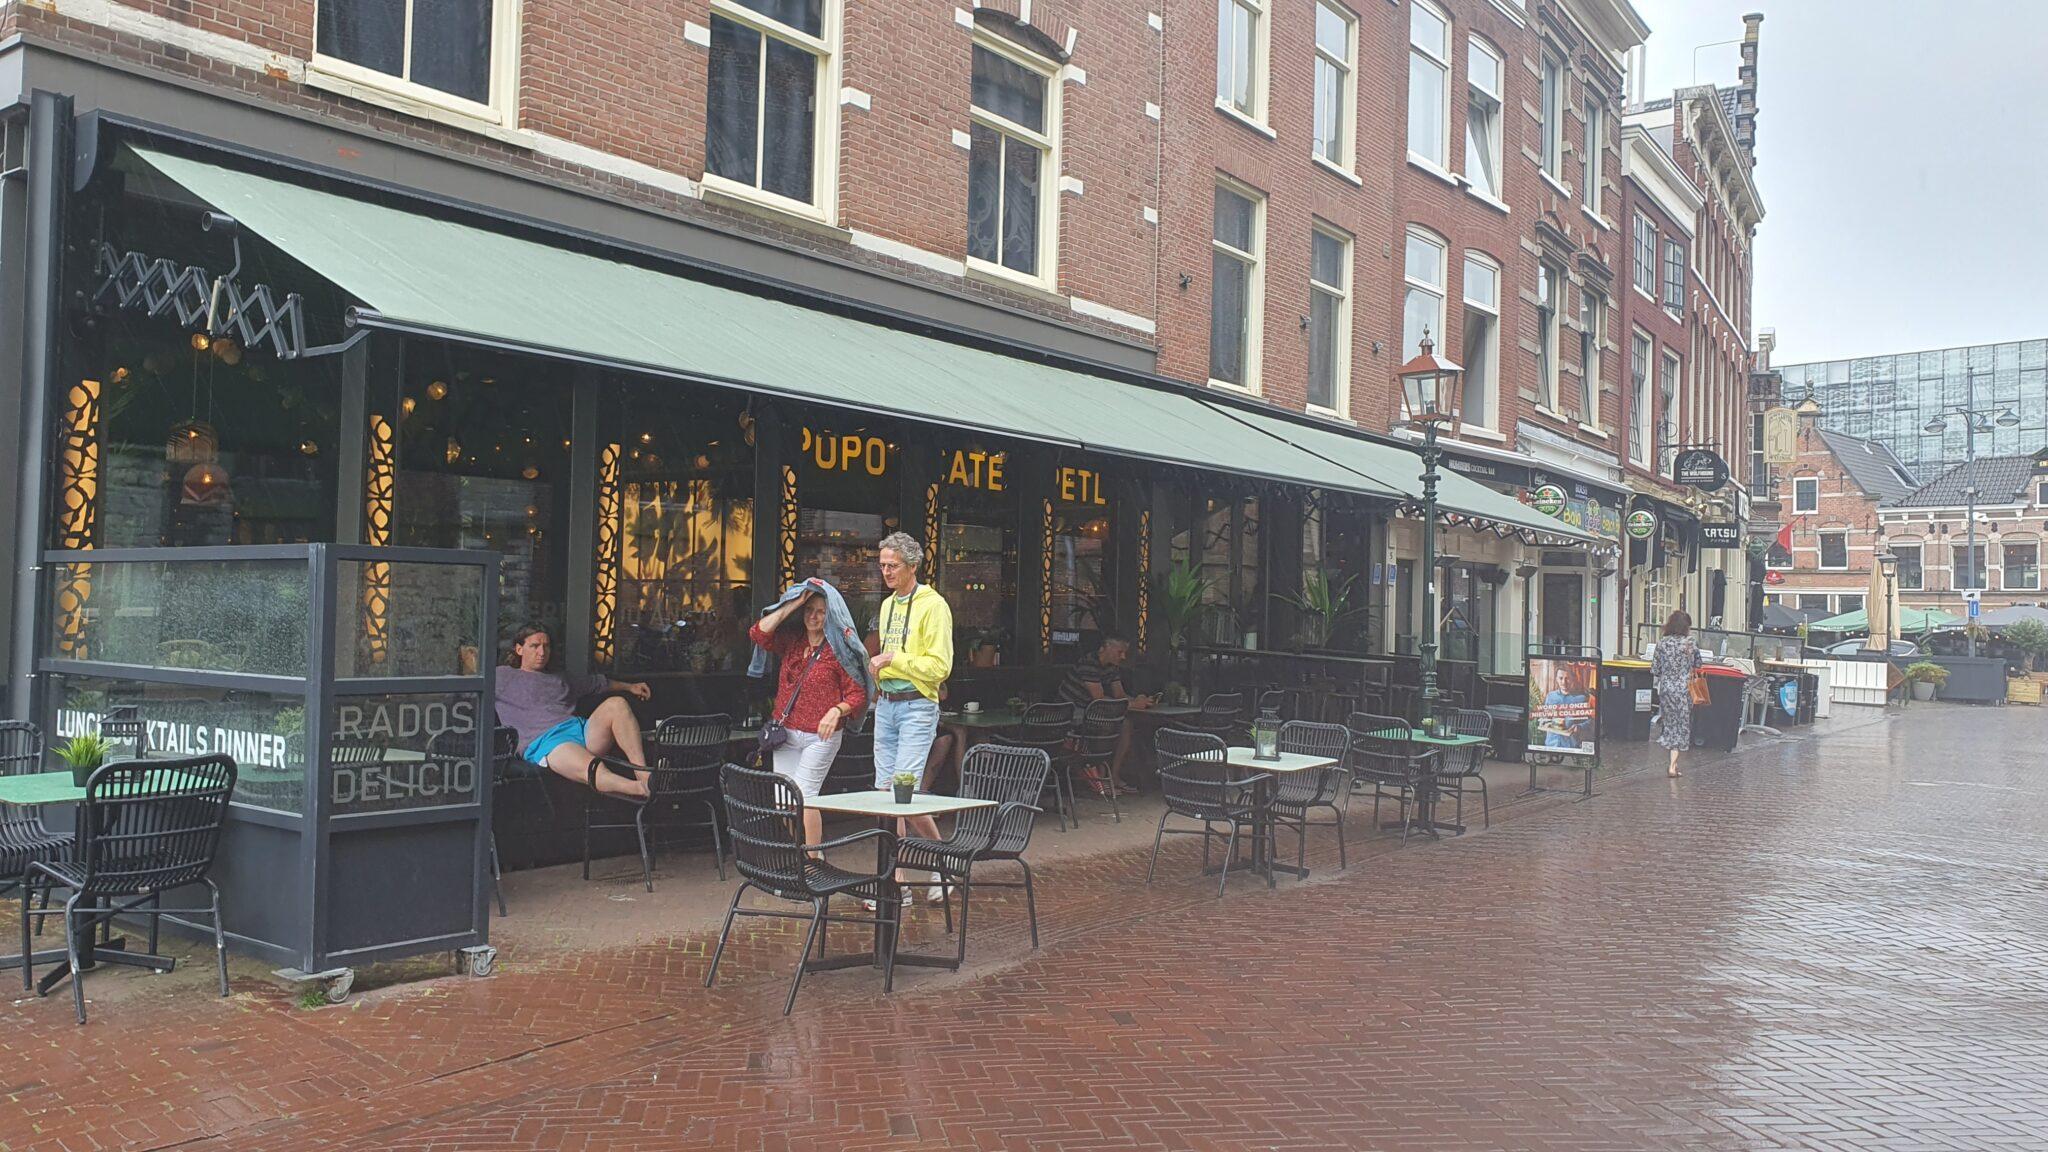 Overdekt terras overdekte terrassen Haarlem Popocatepetl